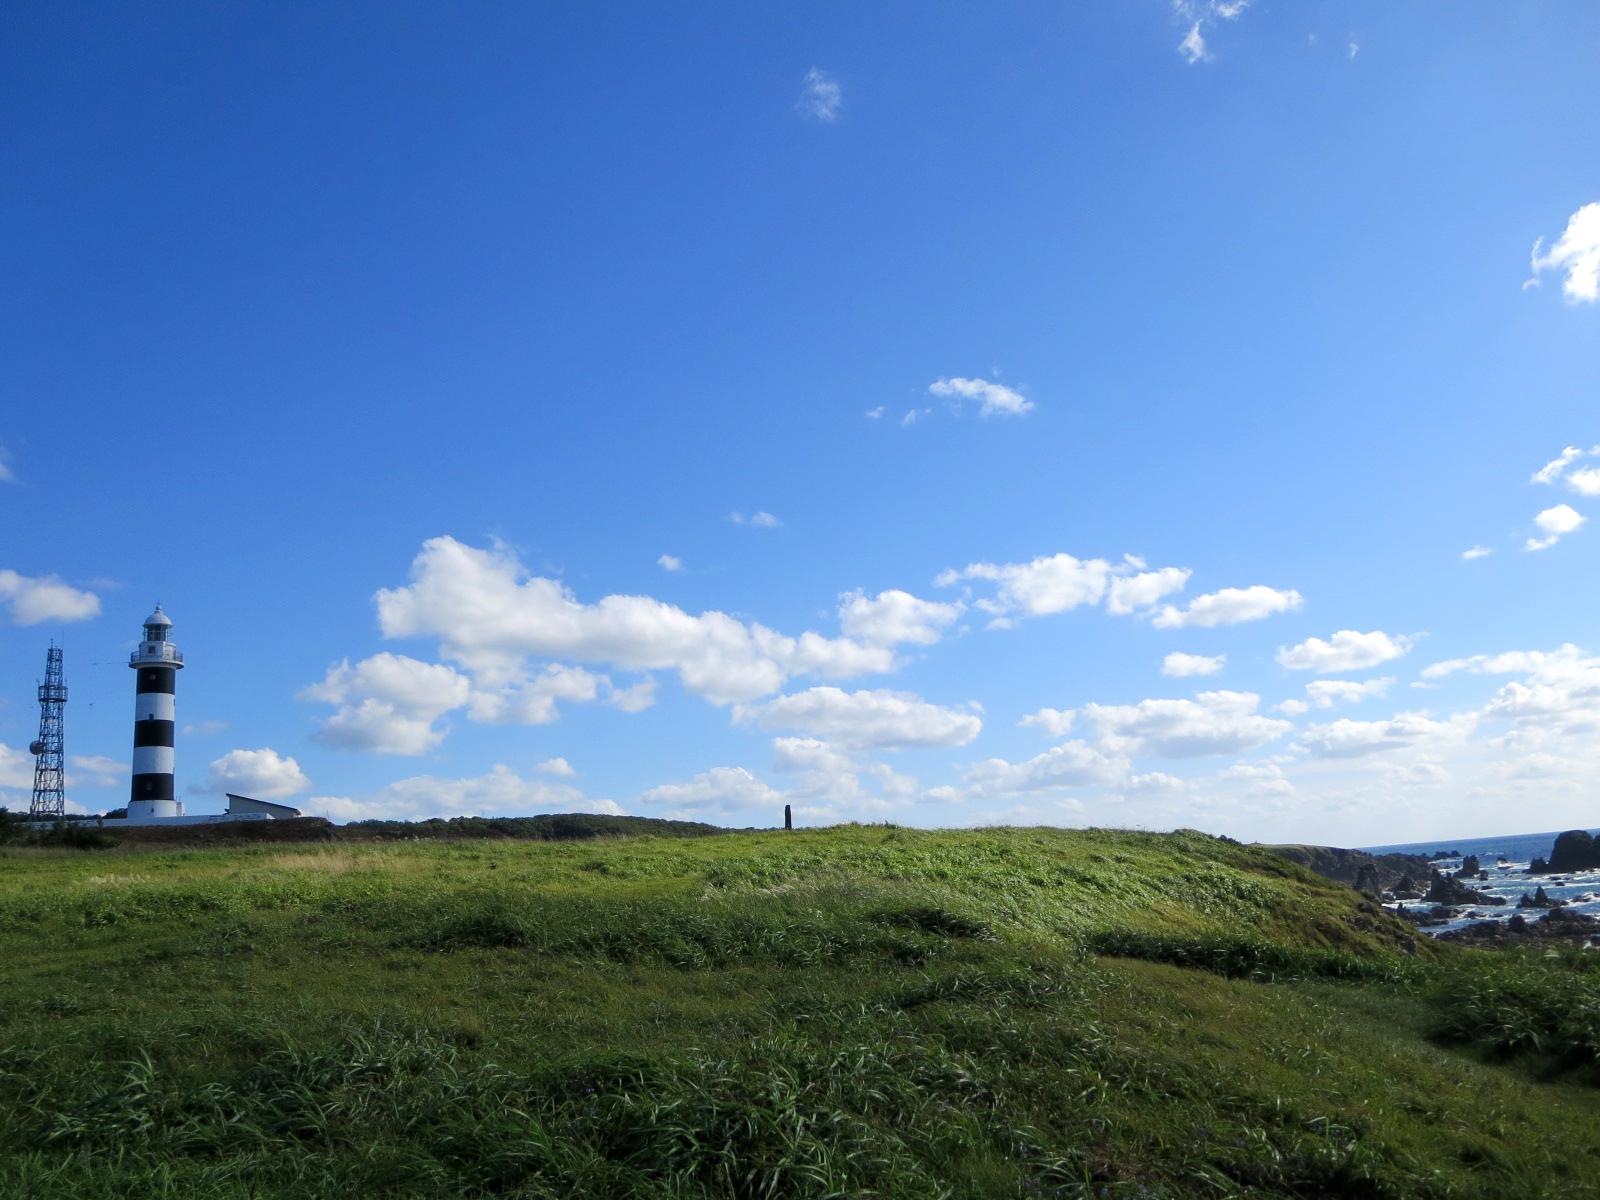 空と草原と少しだけ灯台。